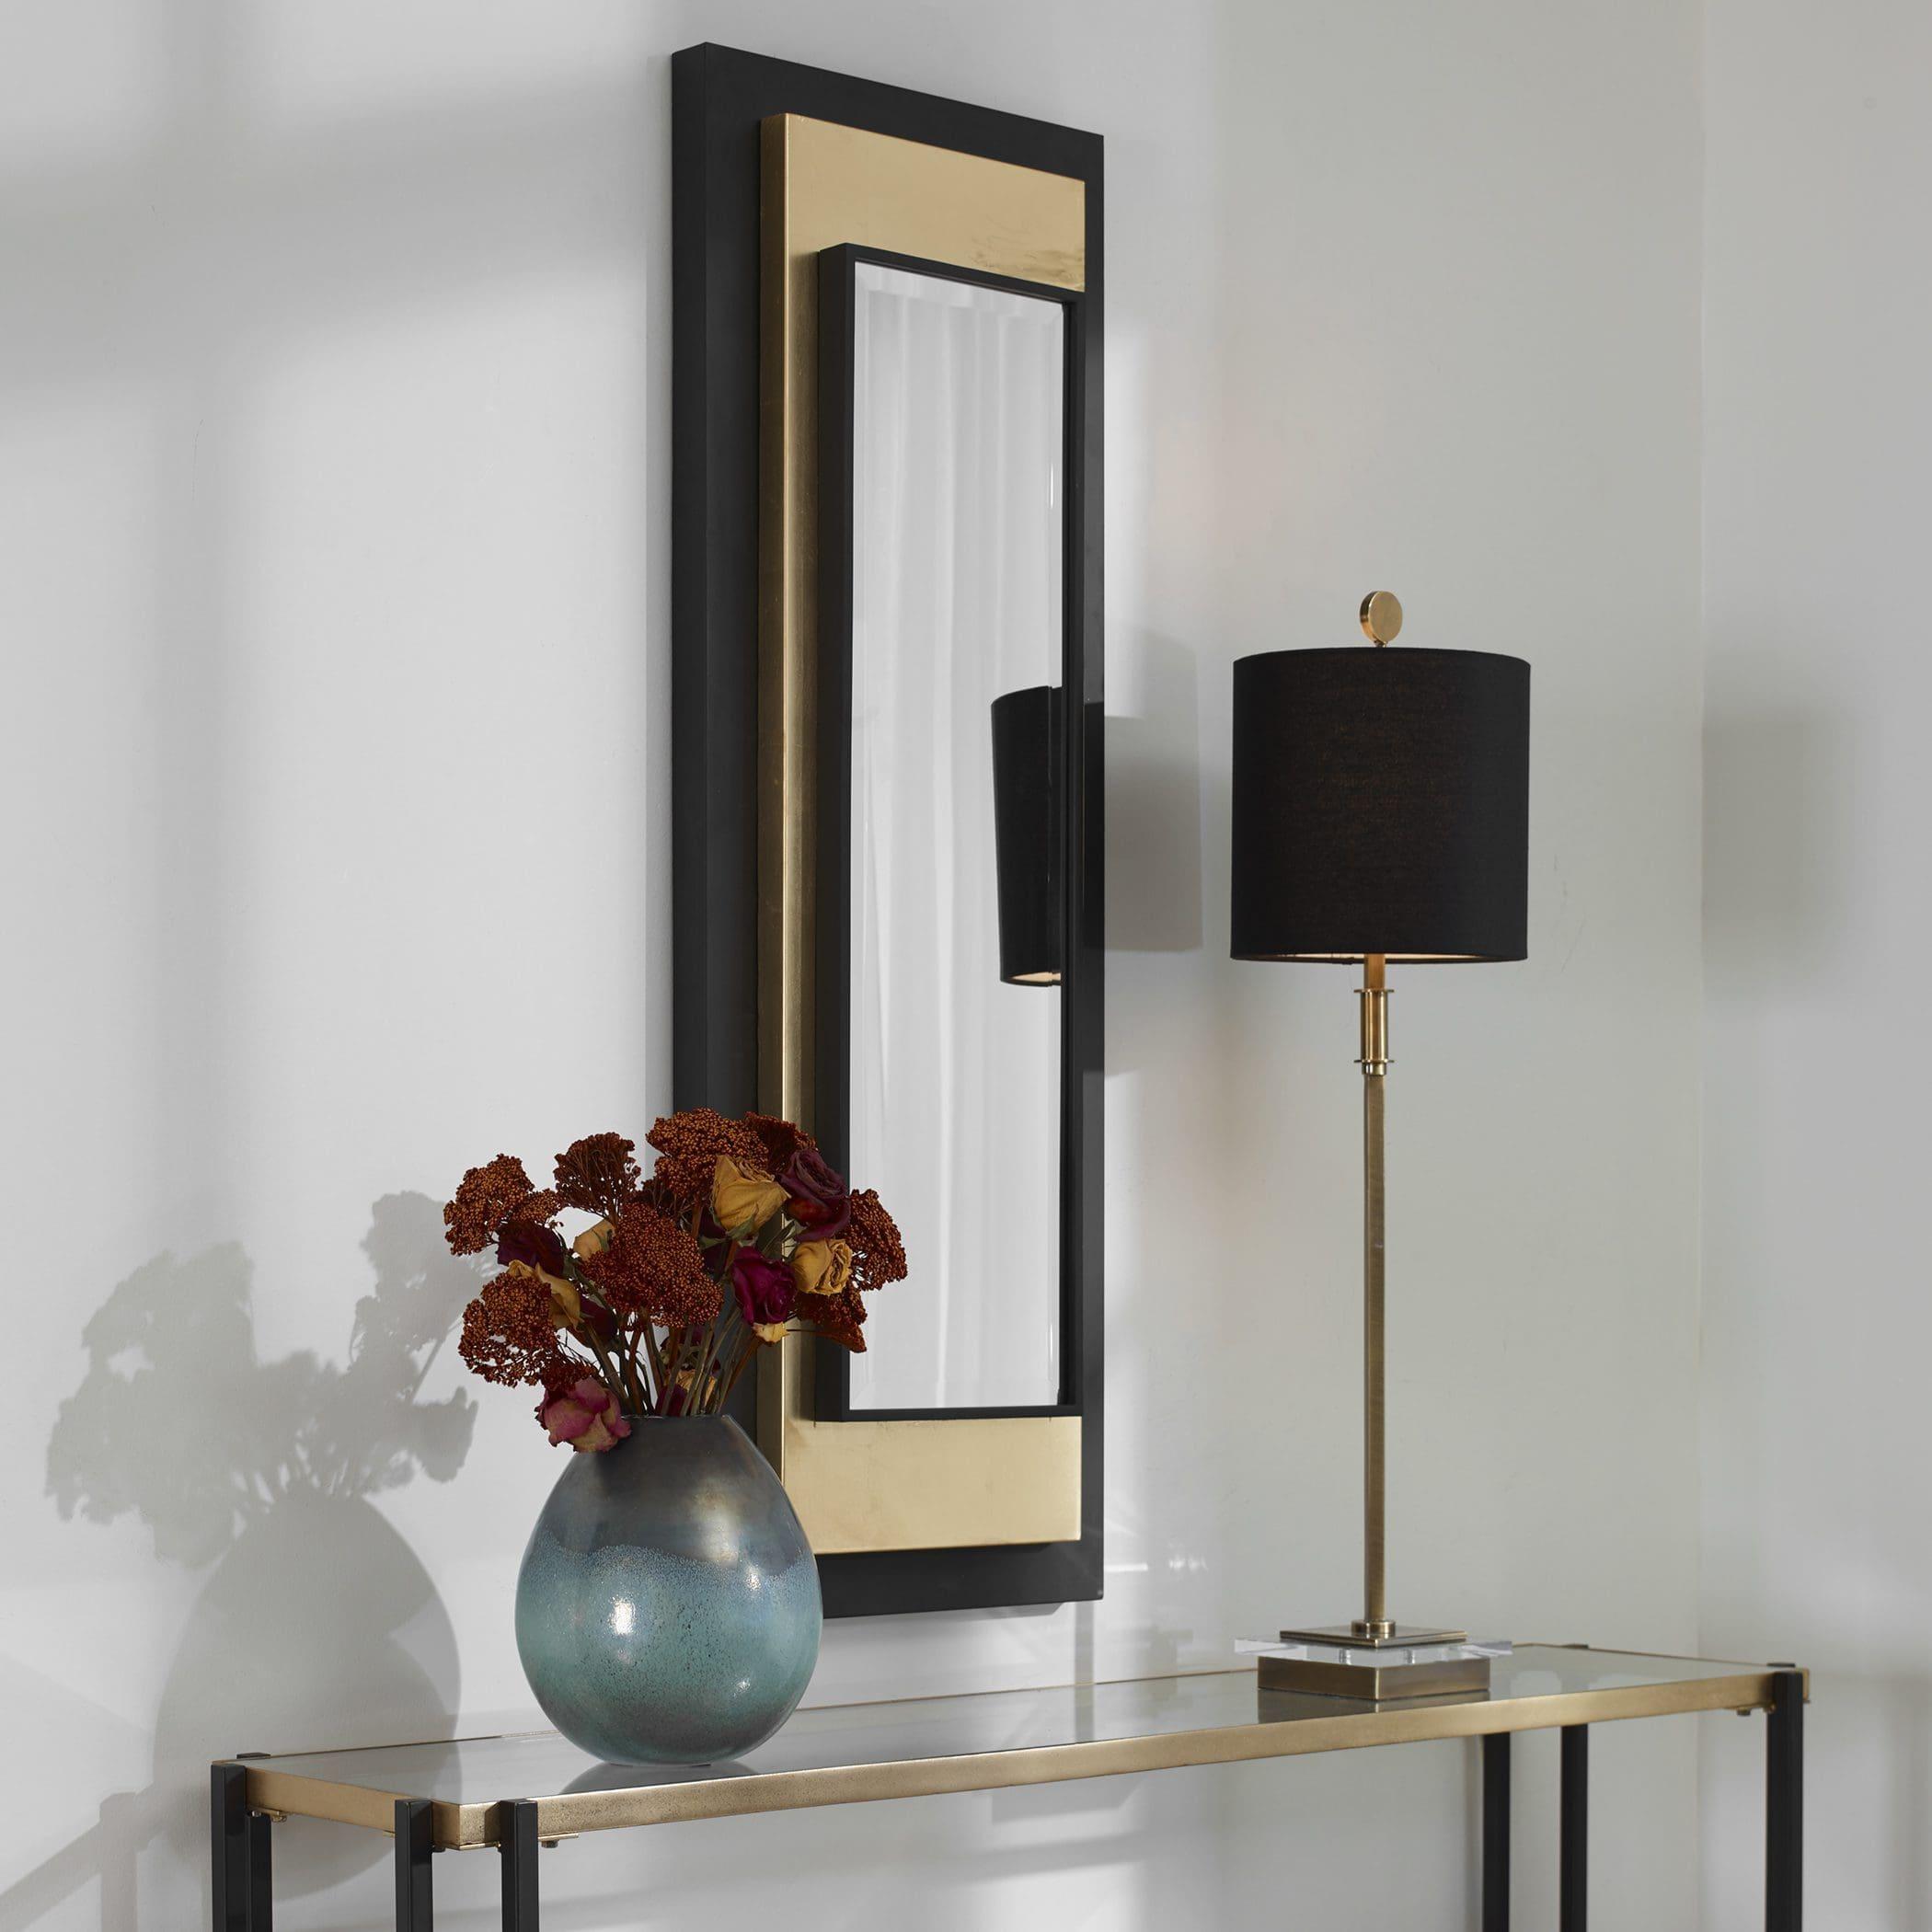 Uttermost Roston Black & Gold Mirror